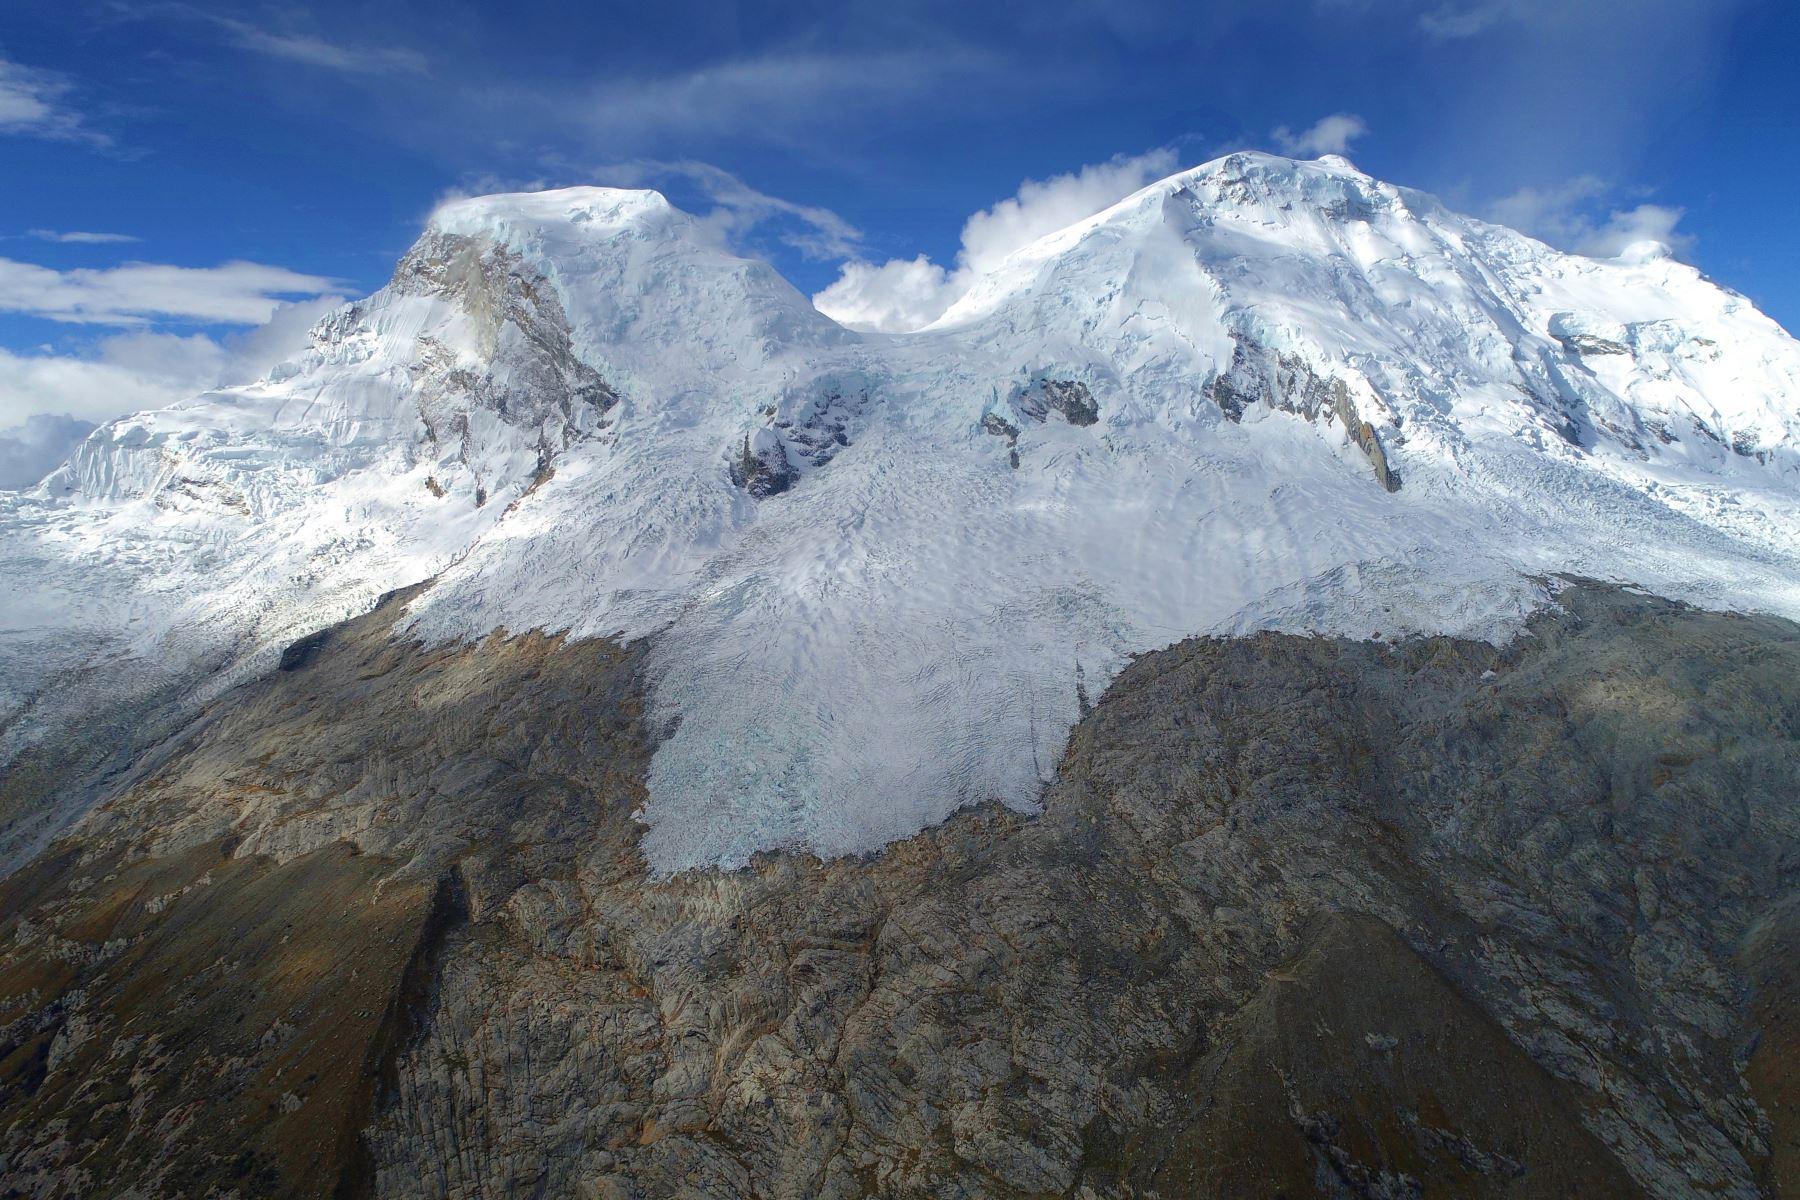 El progresivo deshielo de los glaciares es una muestra de cómo se manifiesta el cambio climático en el Perú, uno de los países más vulnerables a este fenómeno provocado por la acción humana. Foto: ANDINA/difusión.